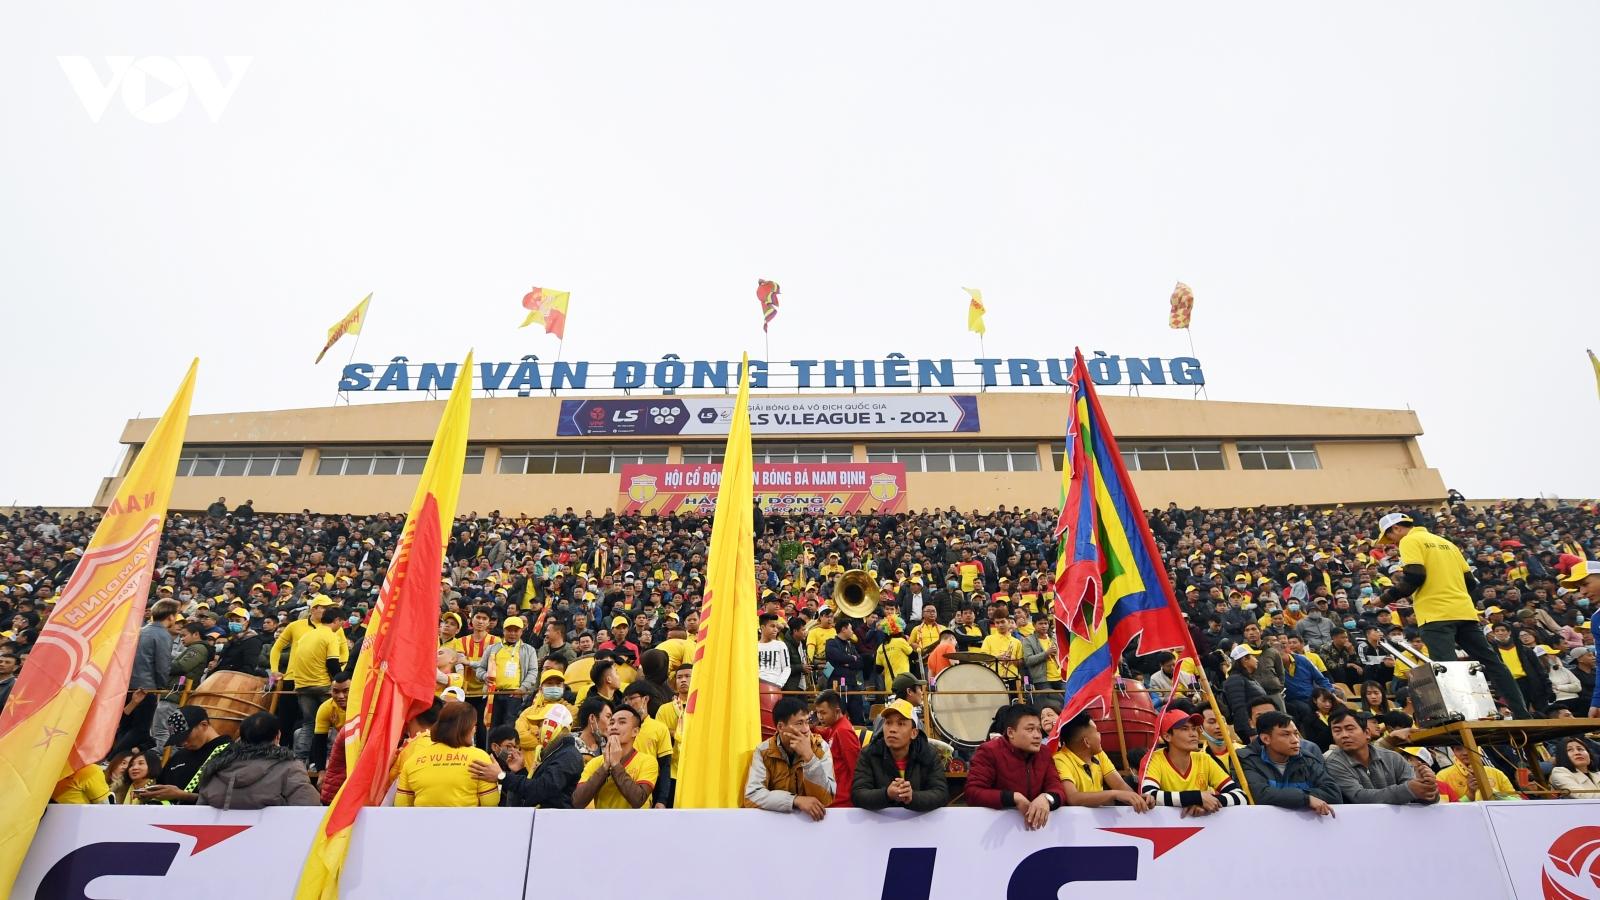 Đá bù vòng 3 V-League 2021: Cầu thủ có thân nhiệt trên 37,5 độ C không được thi đấu